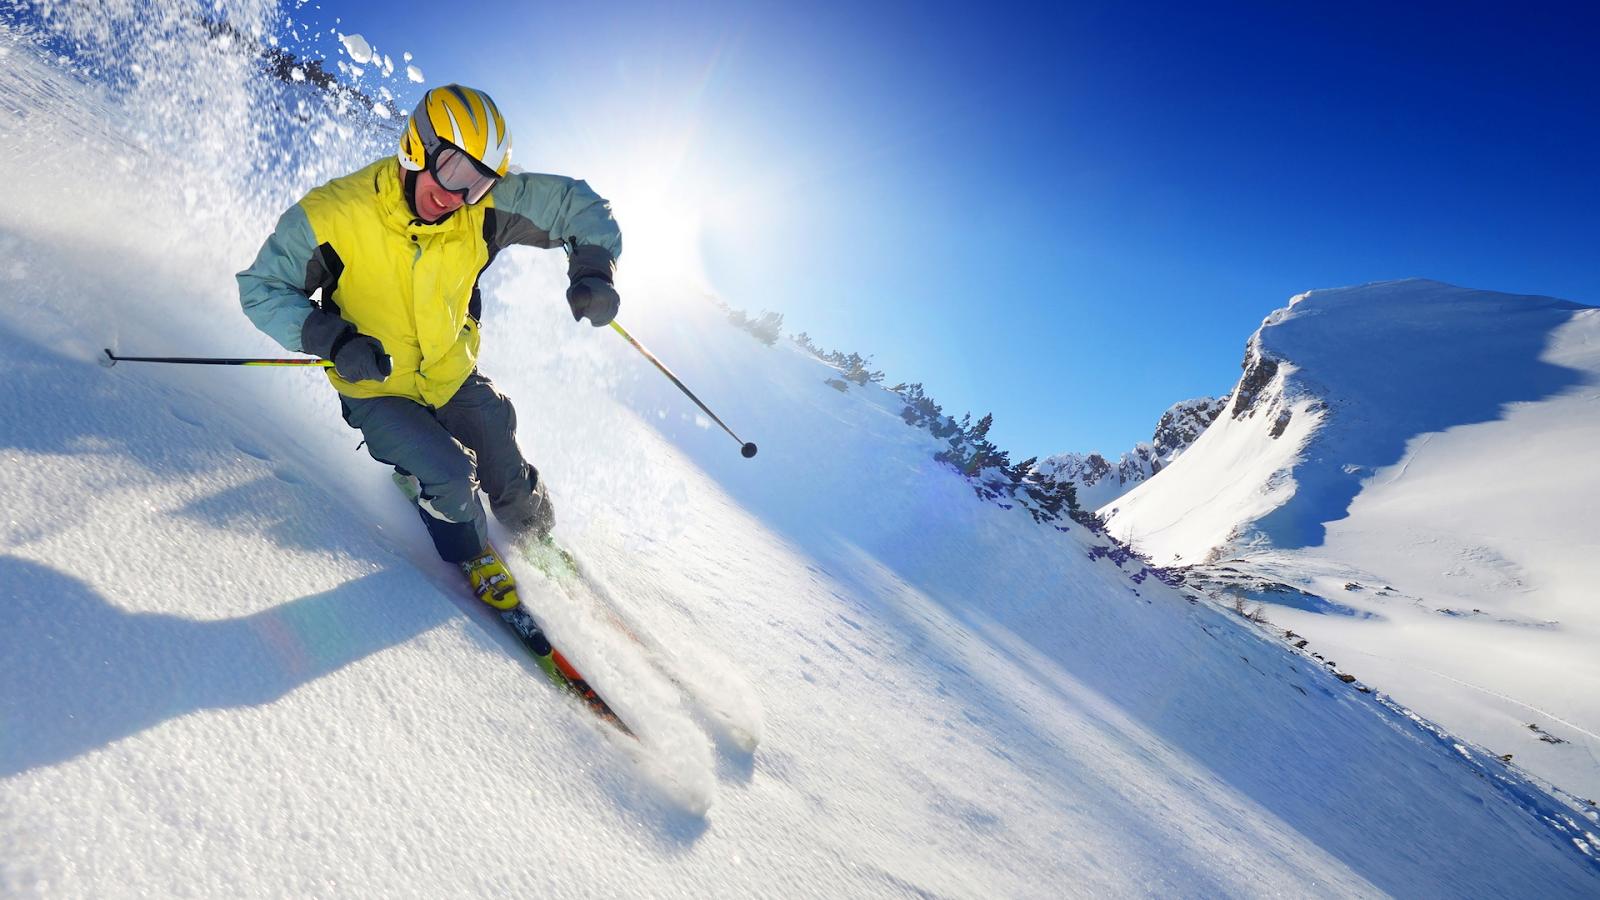 three tips for a wonderful skiing season at ikon pass